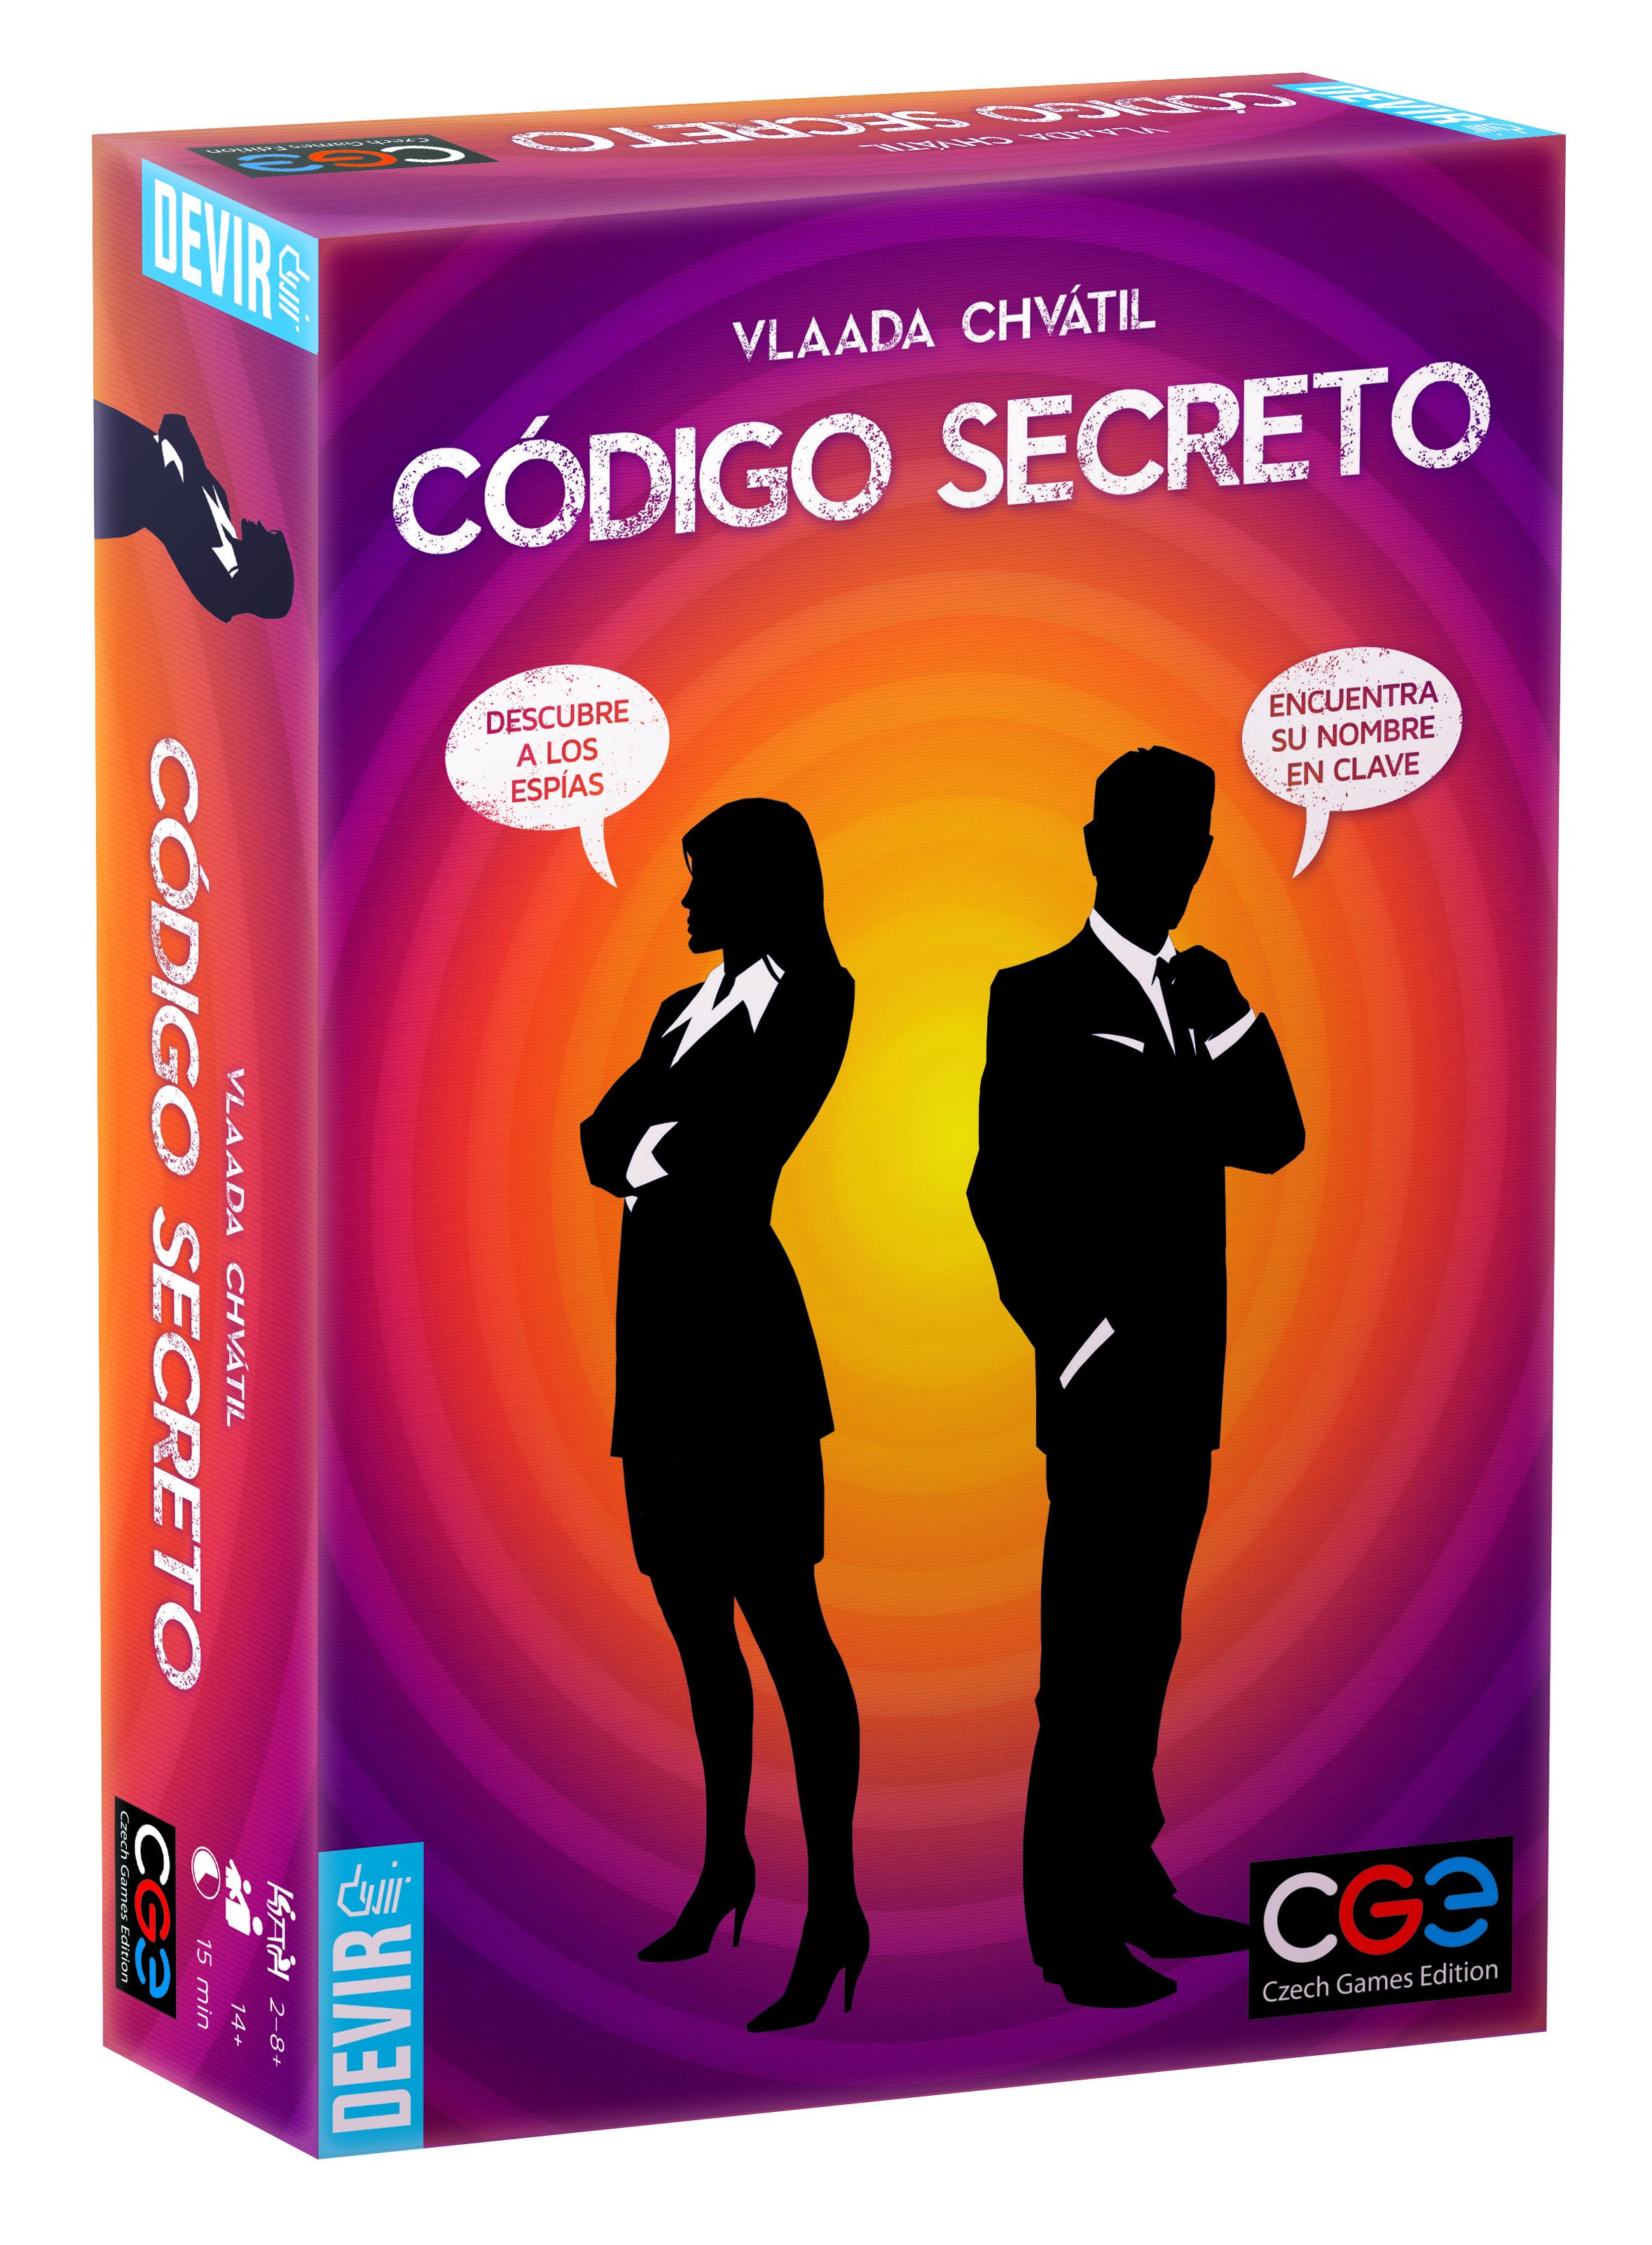 Codigo Secreto Devir